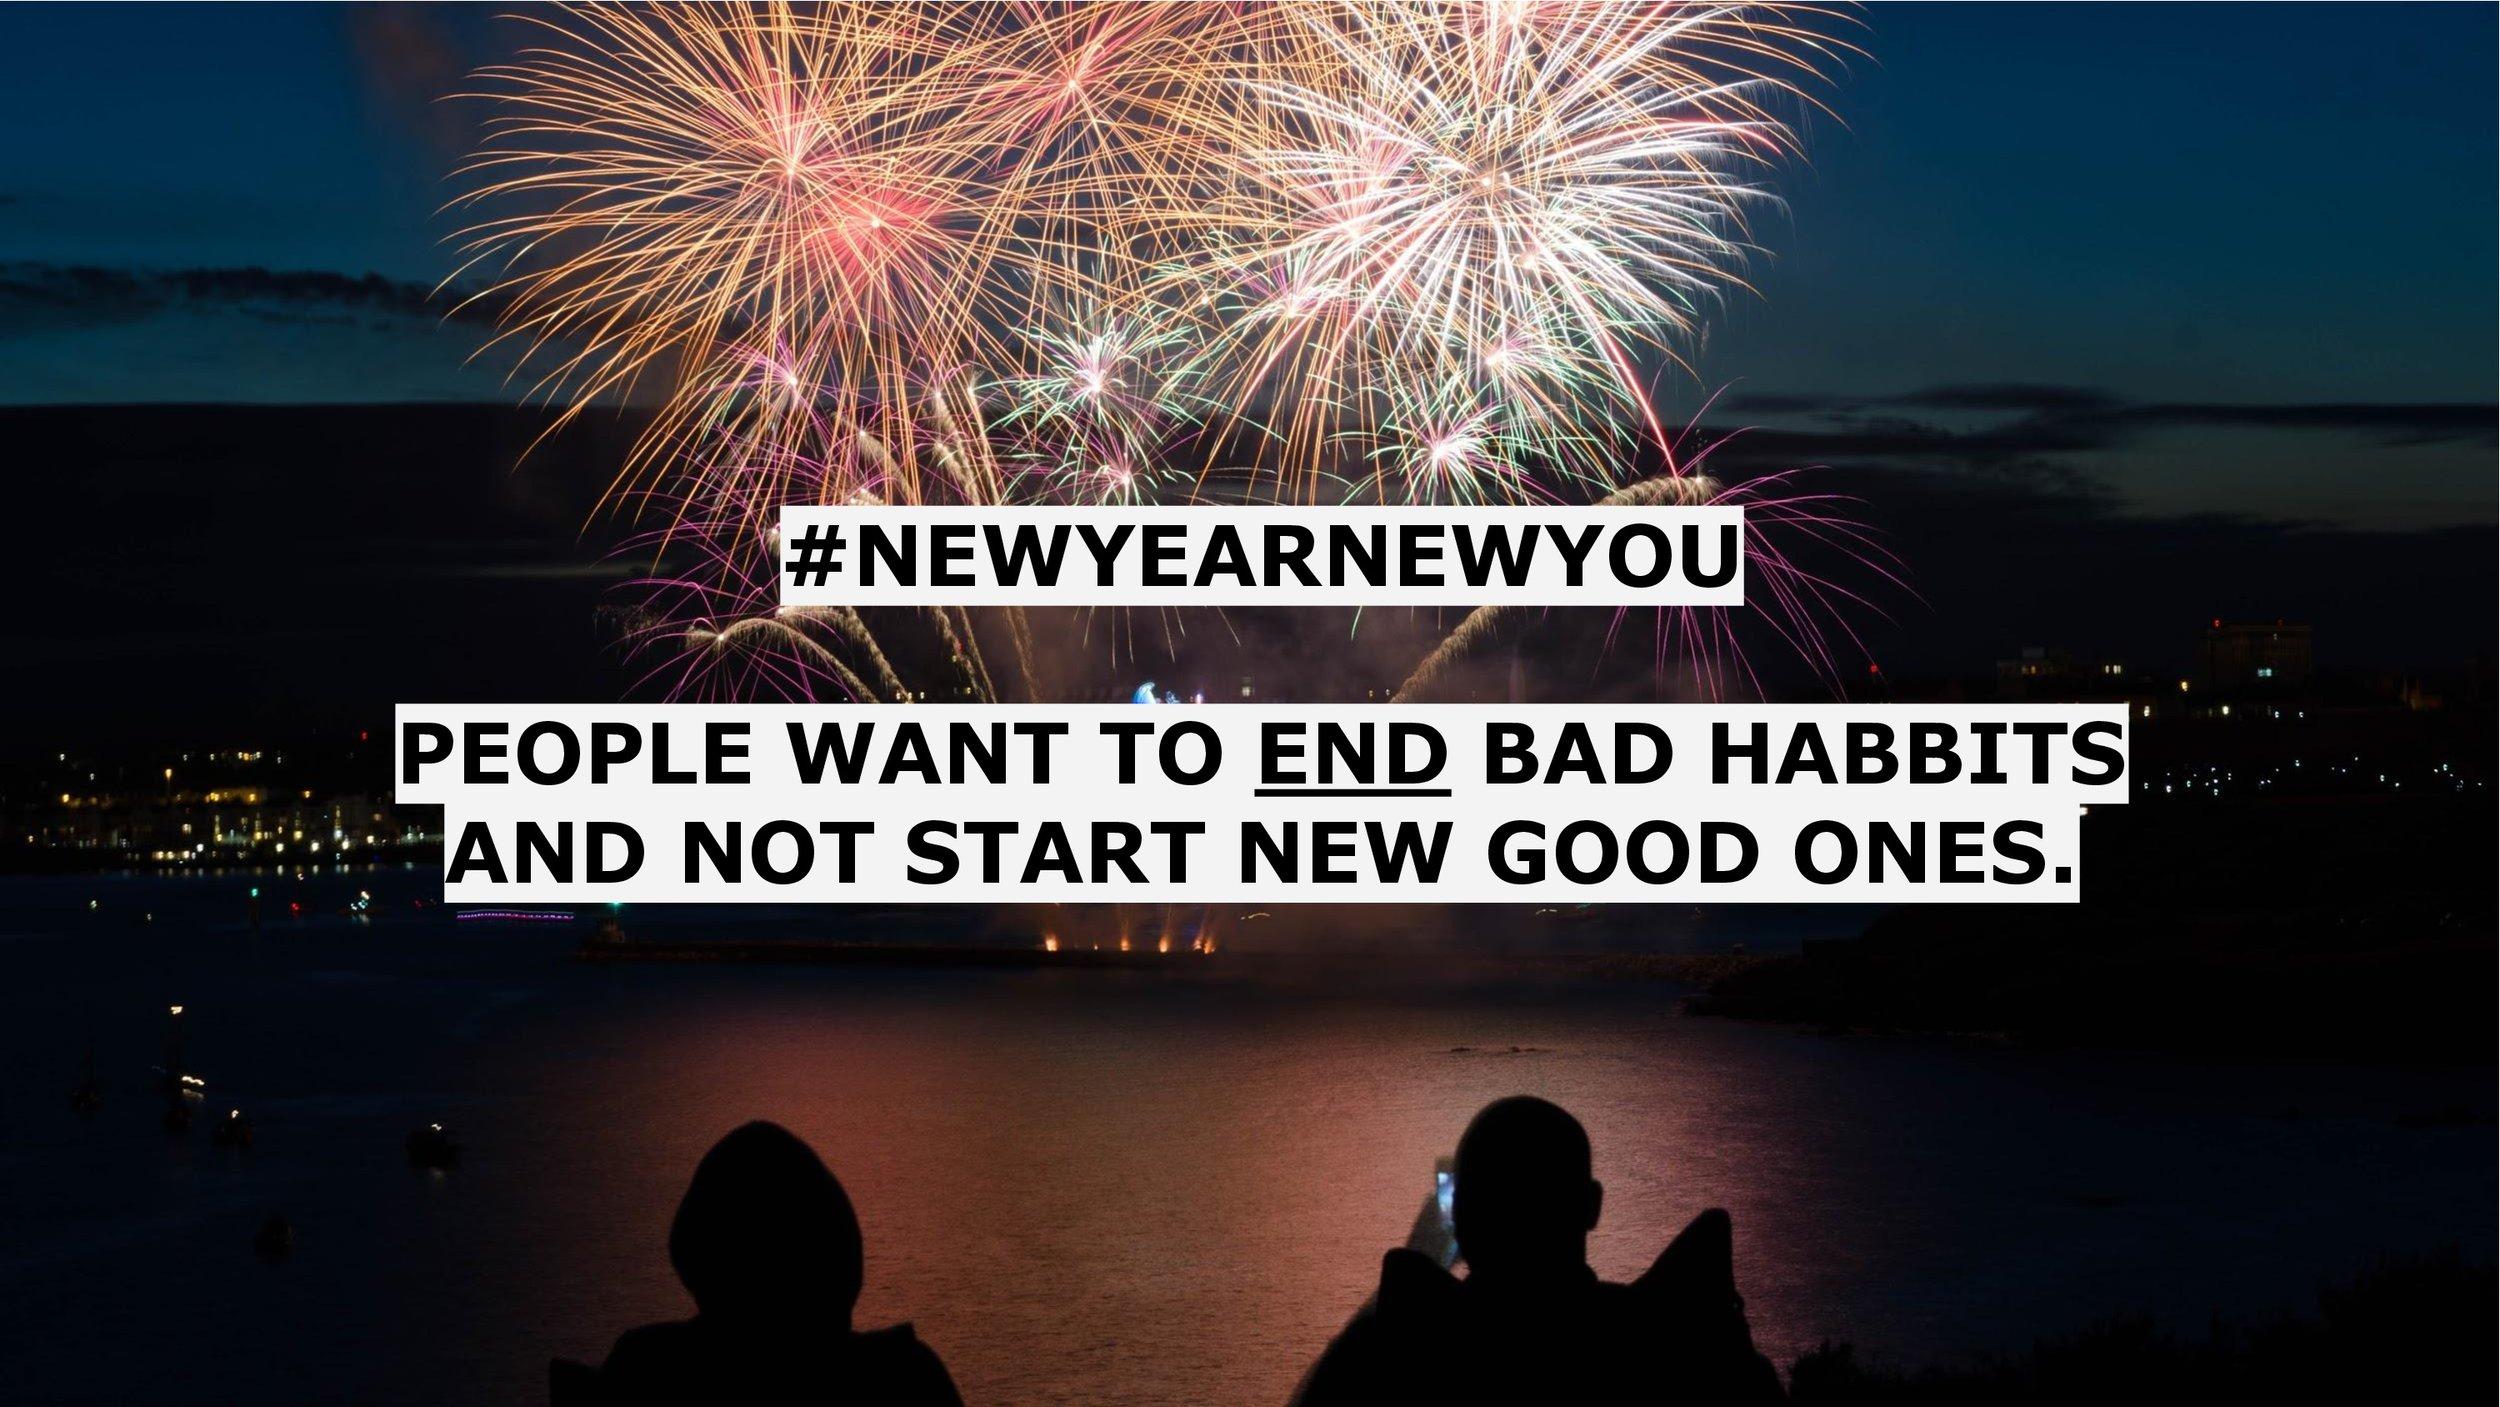 """Konverzace á la #NewYearNewYou poklesnou 3. ledna na stejný objem jako před Vánoci. Ve skutečnosti je ale nejčastějším slovem spojeným s Novým rokem slovo """"přestat"""". Lidé tedy vnímají novoroční předsevzetí jako možnost napravit něco, co dělají špatně. S novým rokem chtějí """"přestat"""" a ne """"začít"""". Asi proto je ve výsledku v únoru ve fitku zase prázdno."""